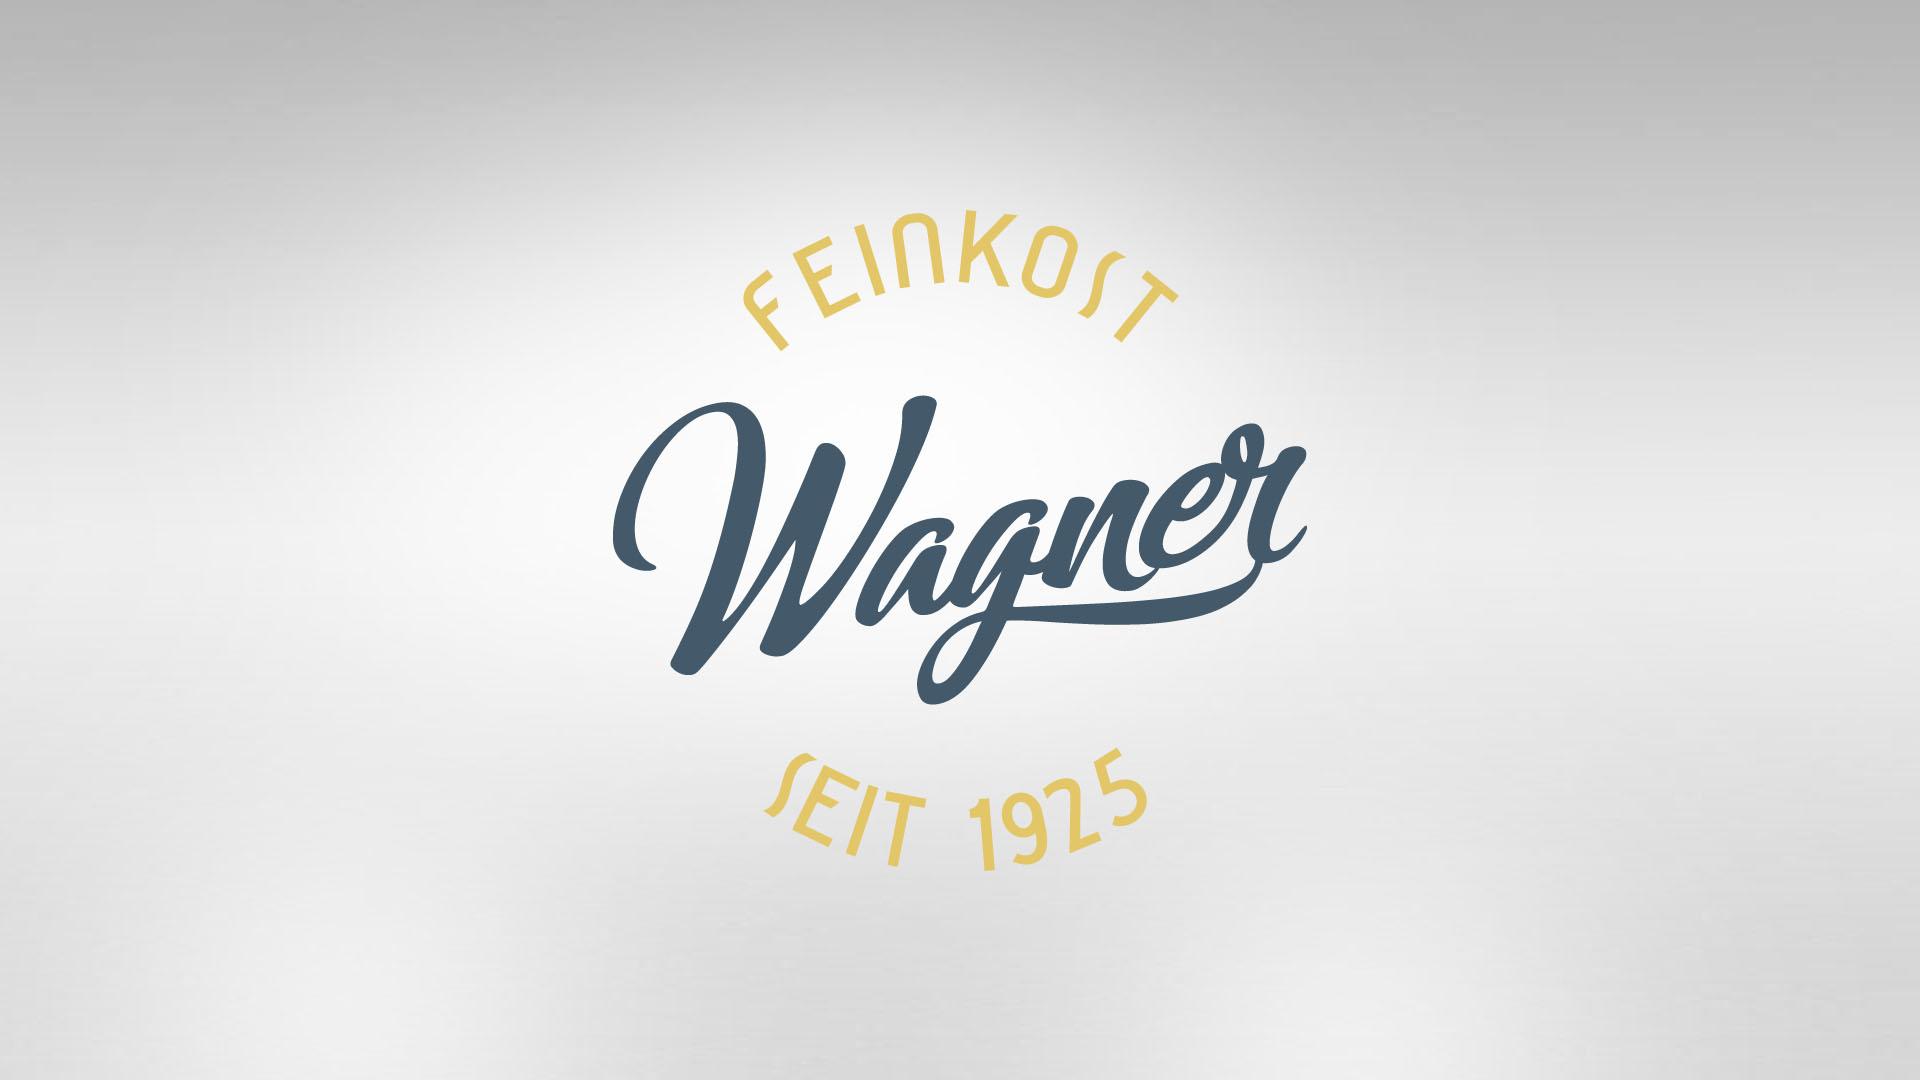 Feinkost Wagner - Logo - Konzept und Design